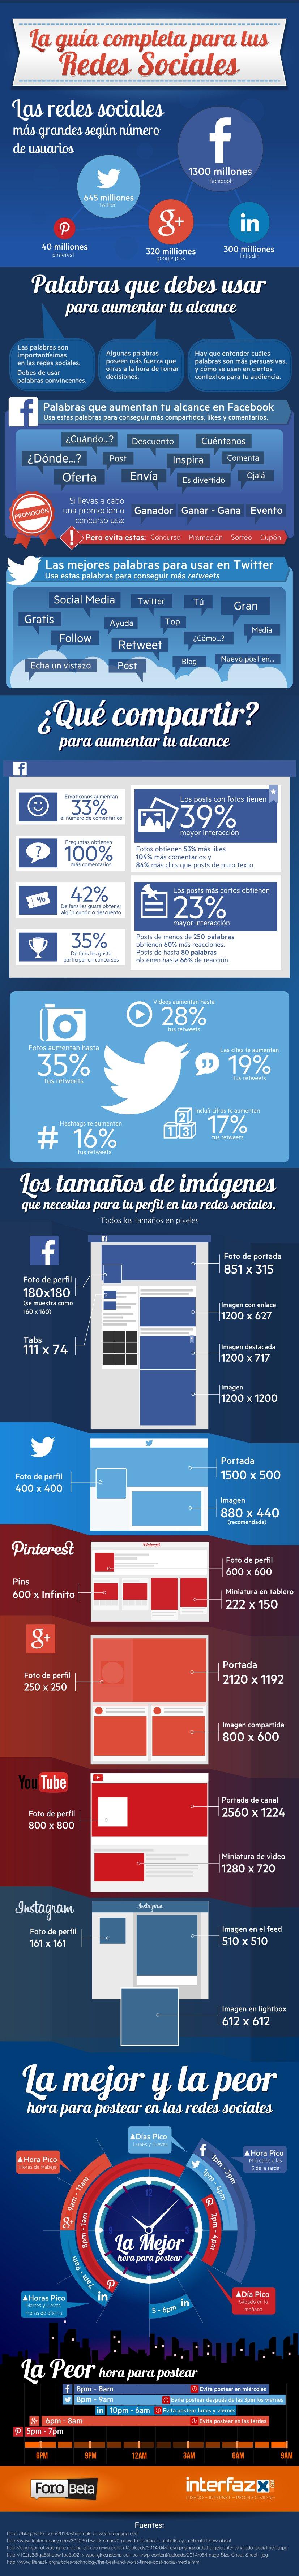 #Infografia Guia completa sobre las #RedesSociales #TAVnews